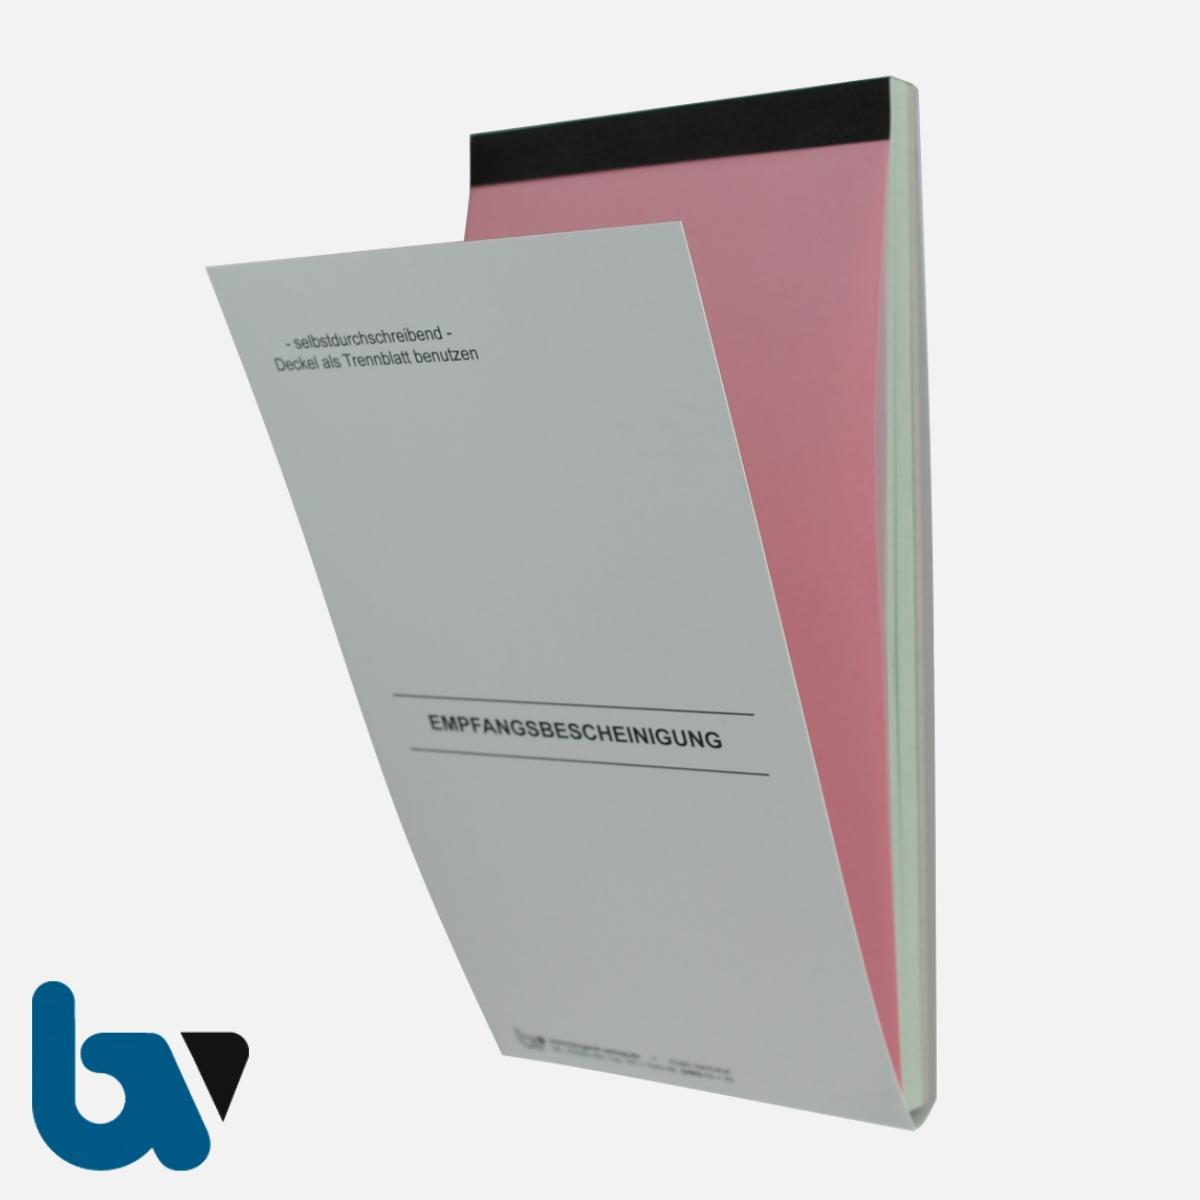 0/812-1.1 Quittung Empfangsbescheinigung Vollstreckung Vollziehung Beamte Forderung selbstdurchschreibend 2-fach Schreibschutzdeckel Nummerierung fortlaufend DIN lang Vorderseite | Borgard Verlag GmbH